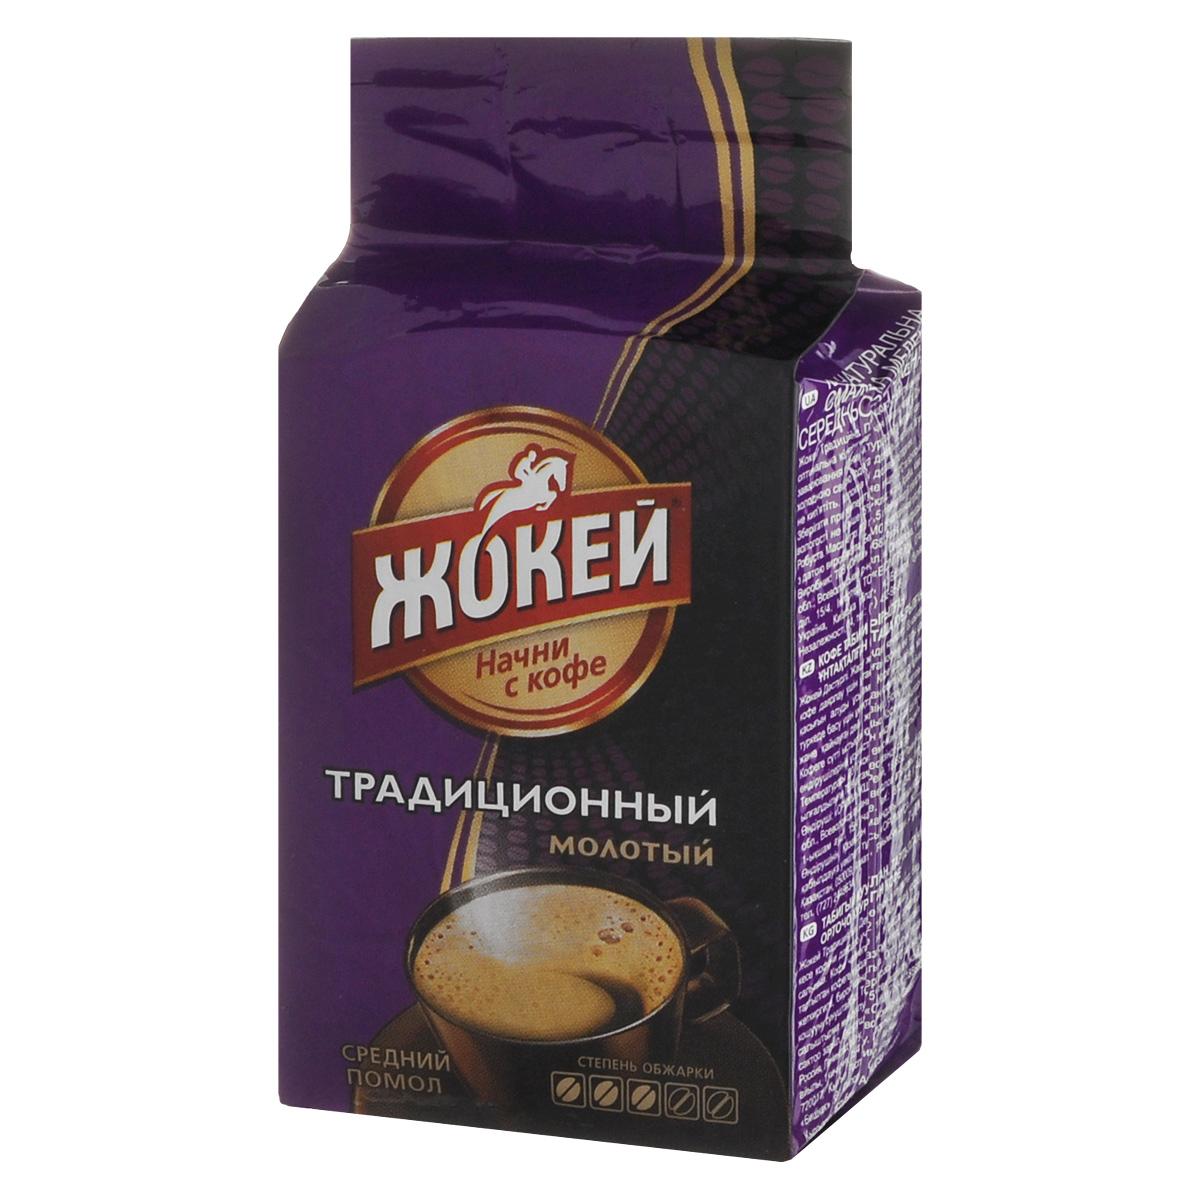 Жокей Традиционный кофе молотый, 100 г